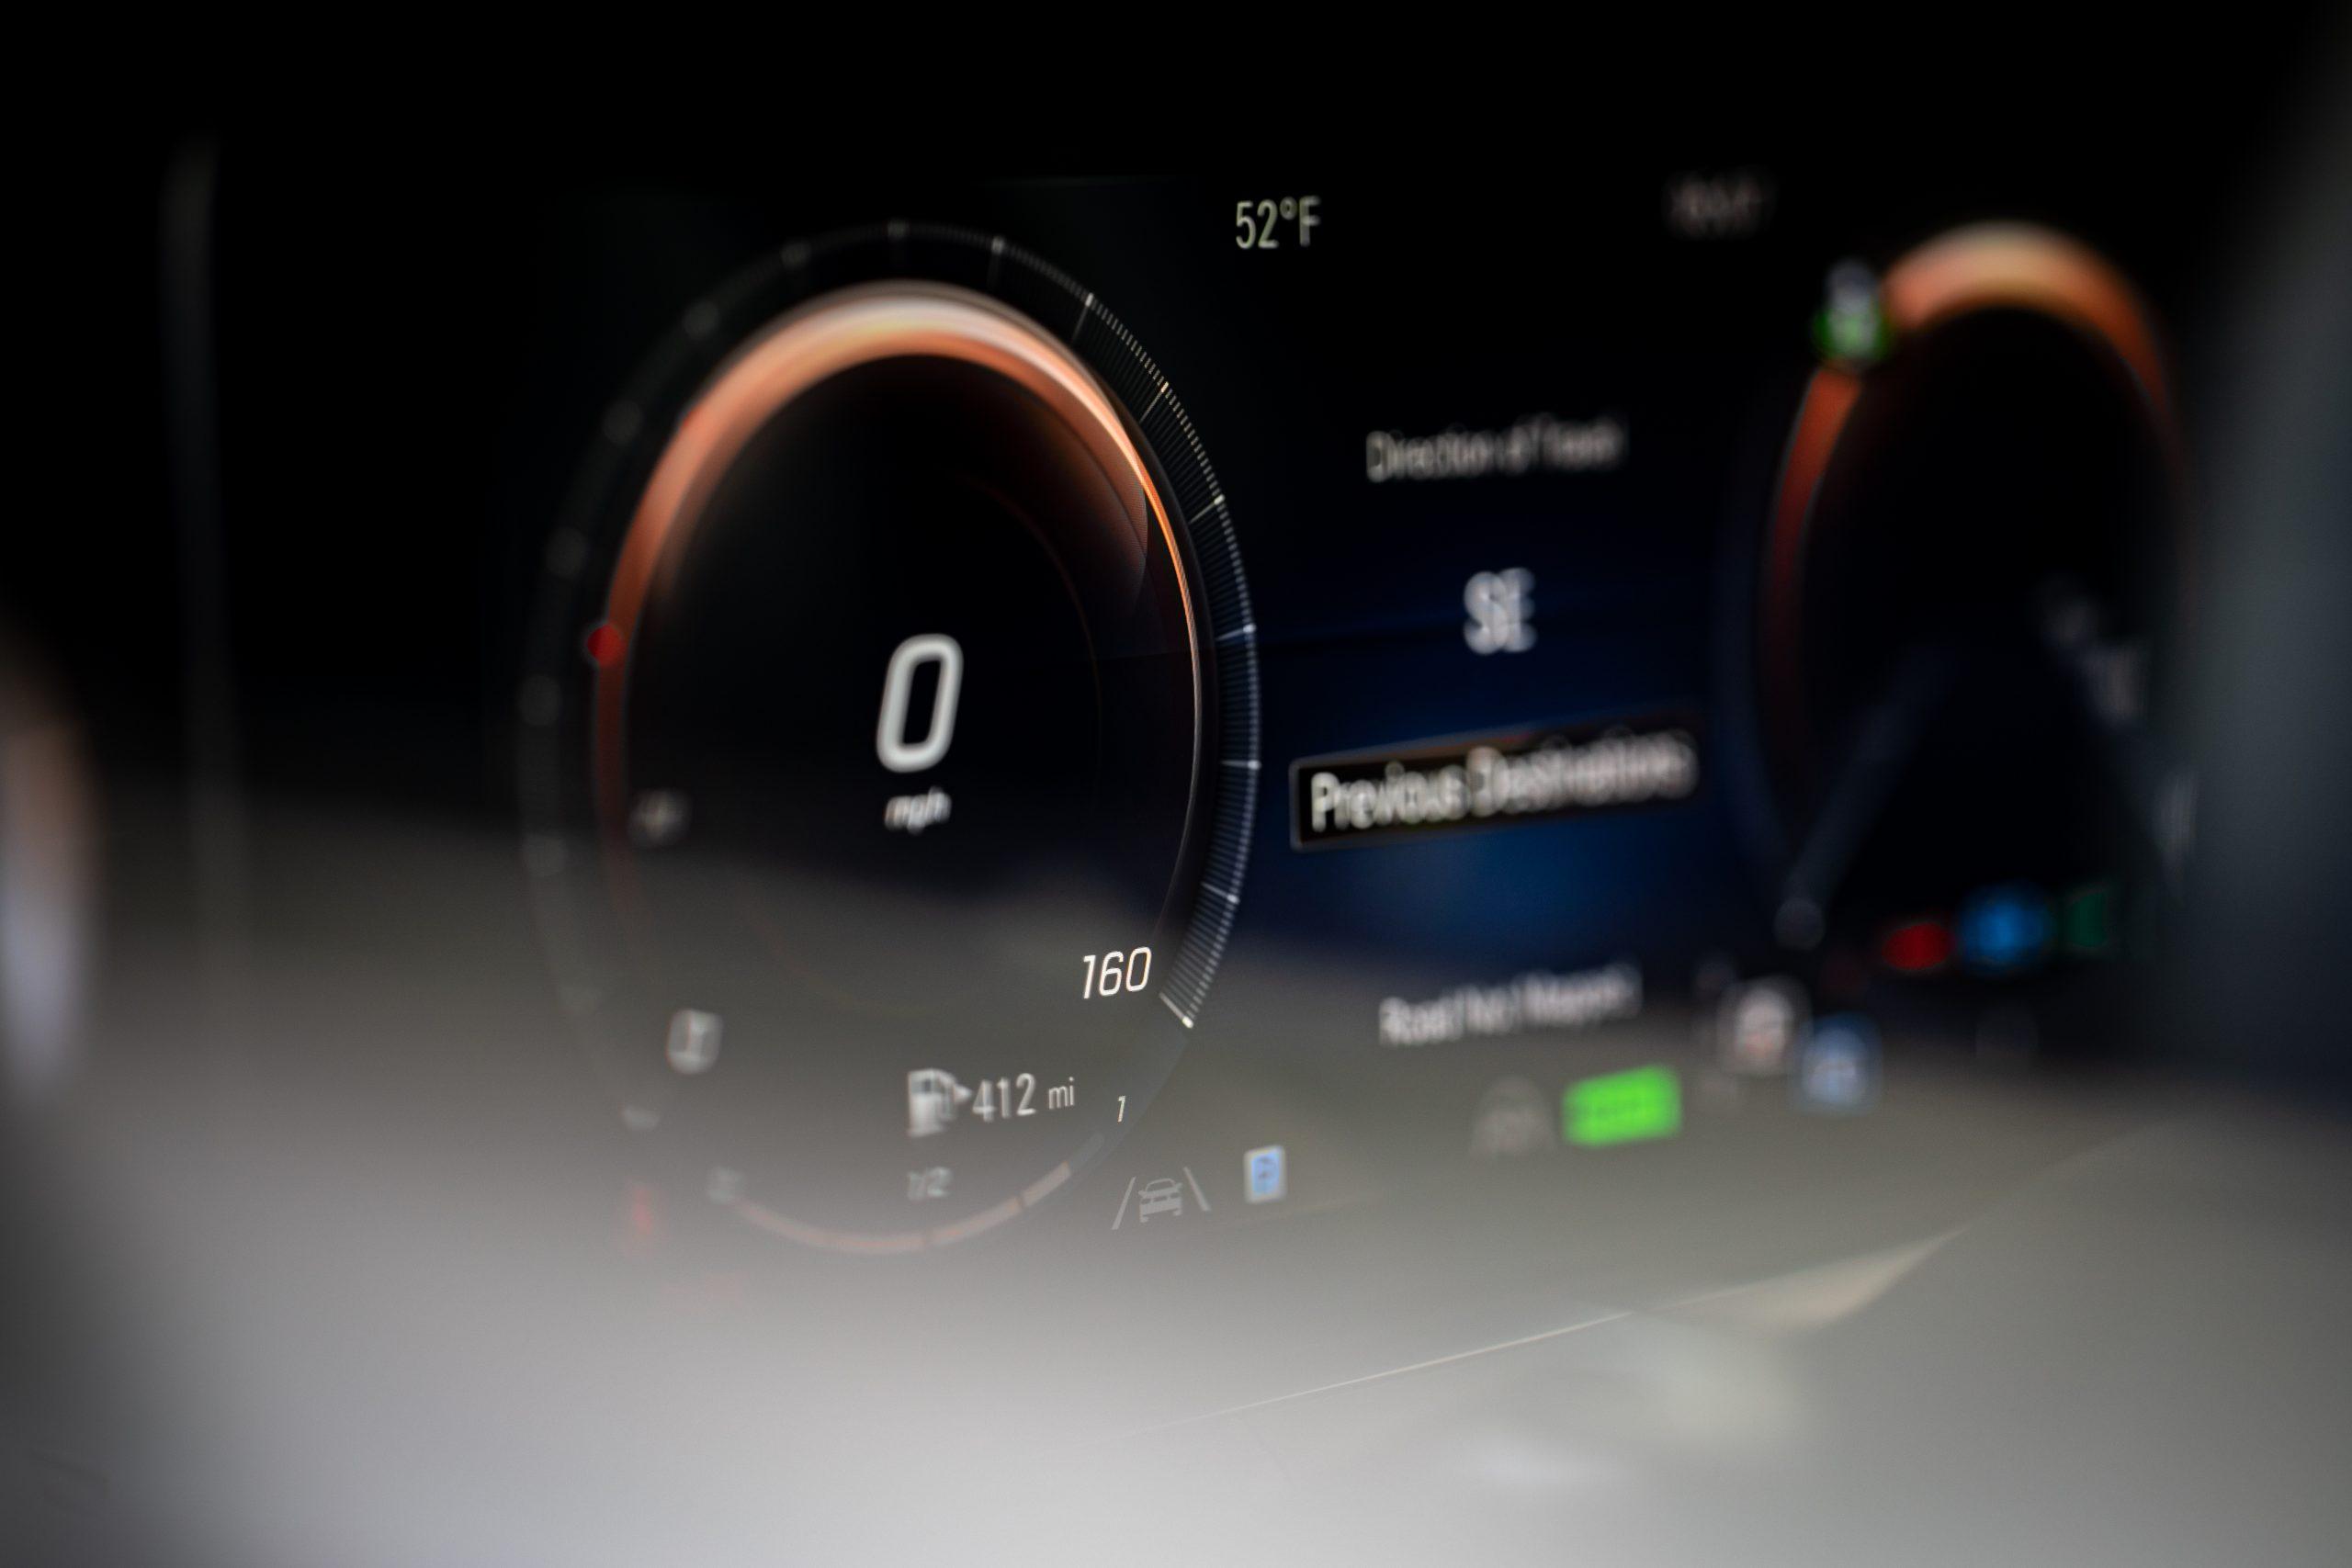 2021 Mercedes Benz E 450 4MATIC digital instrument panel